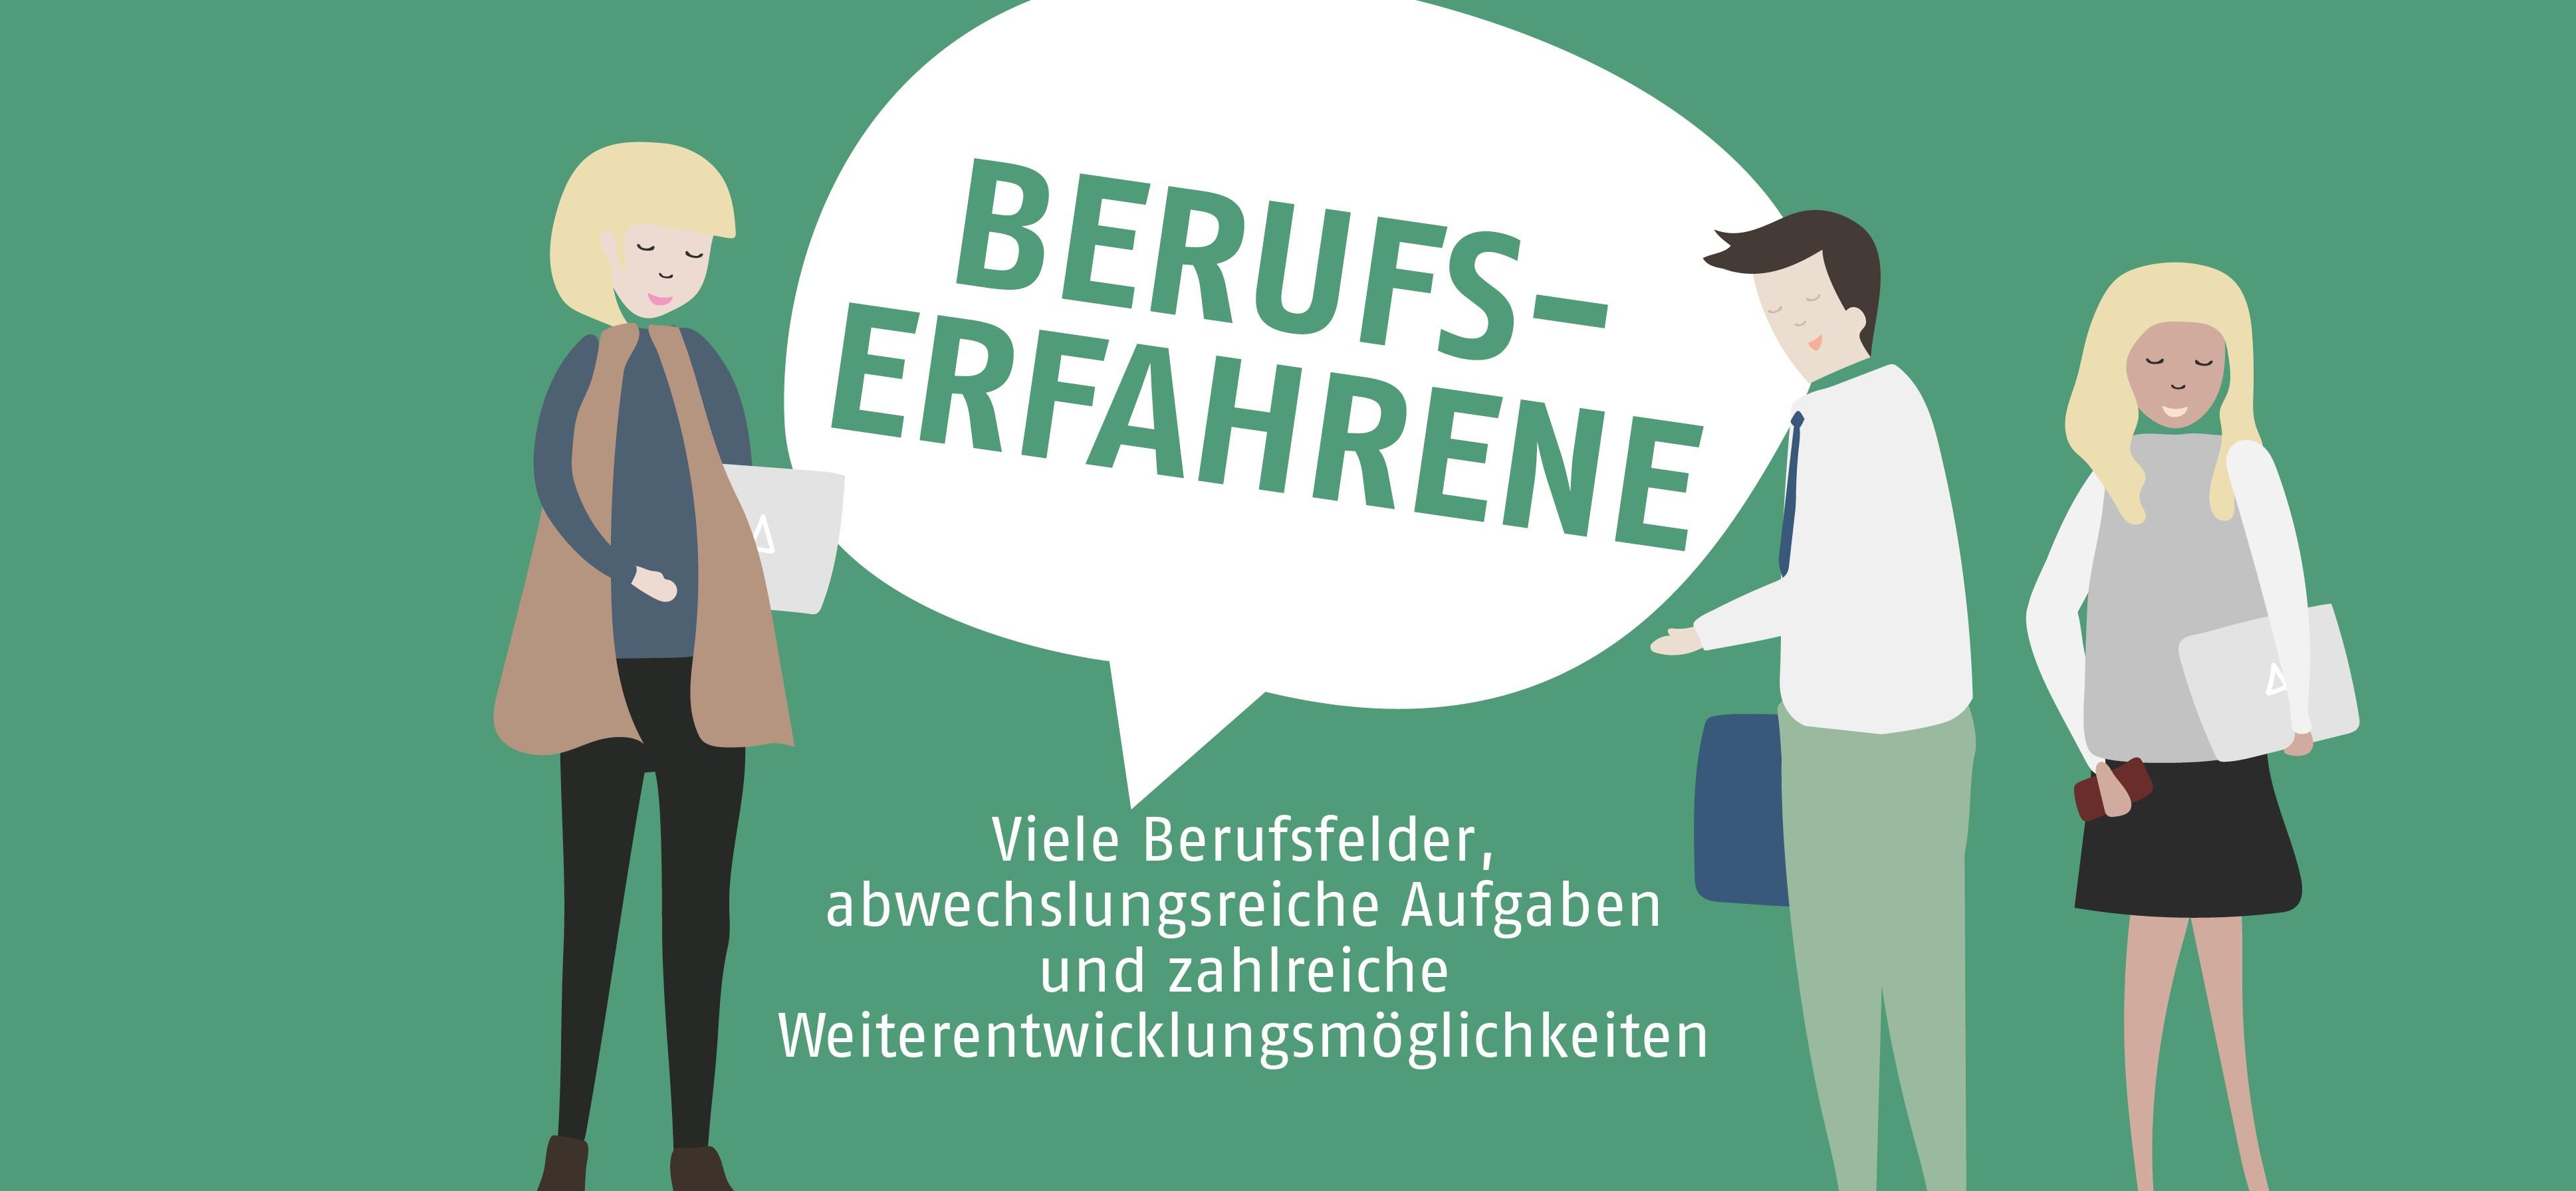 AWO Bezirksverband Ober- und Mittelfranken e. V. - Berufserfahrene*r